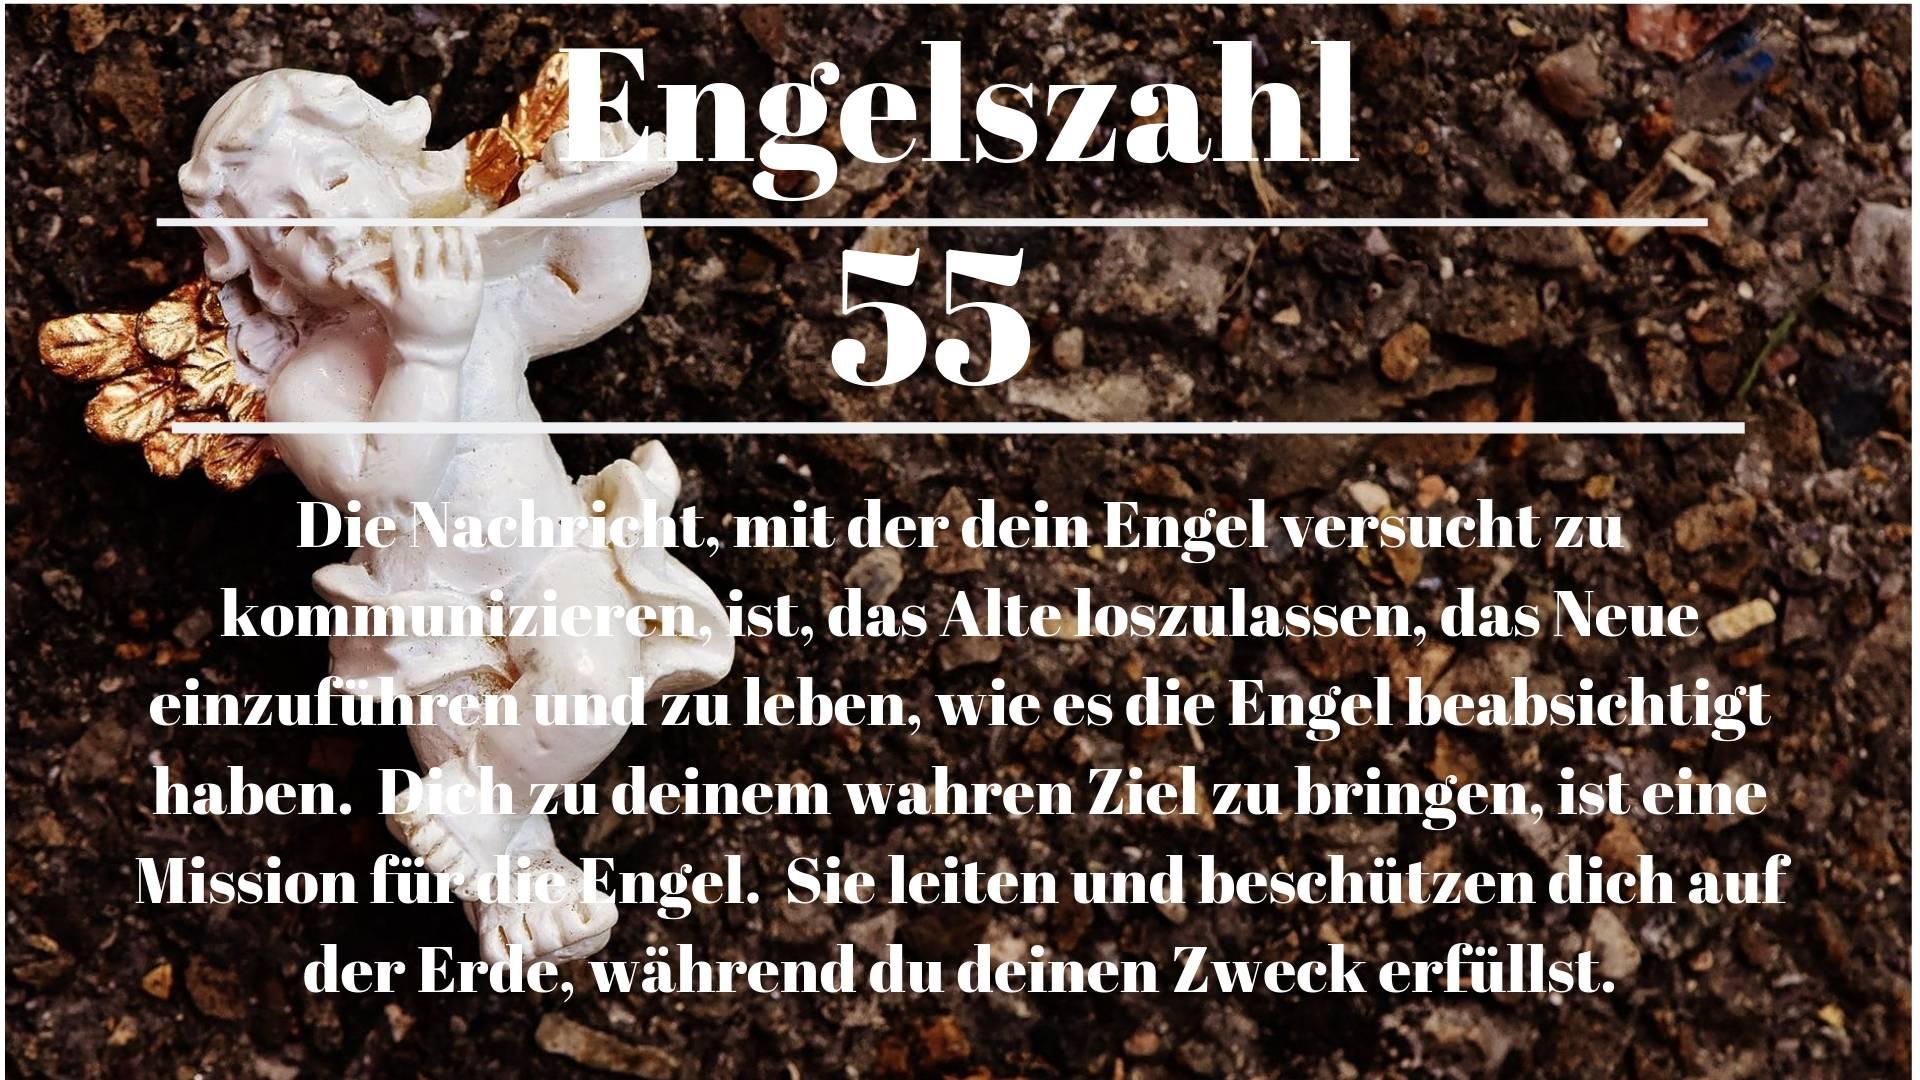 Engelszahl 55 und ihre Bedeutung-Warum siehst du 55?